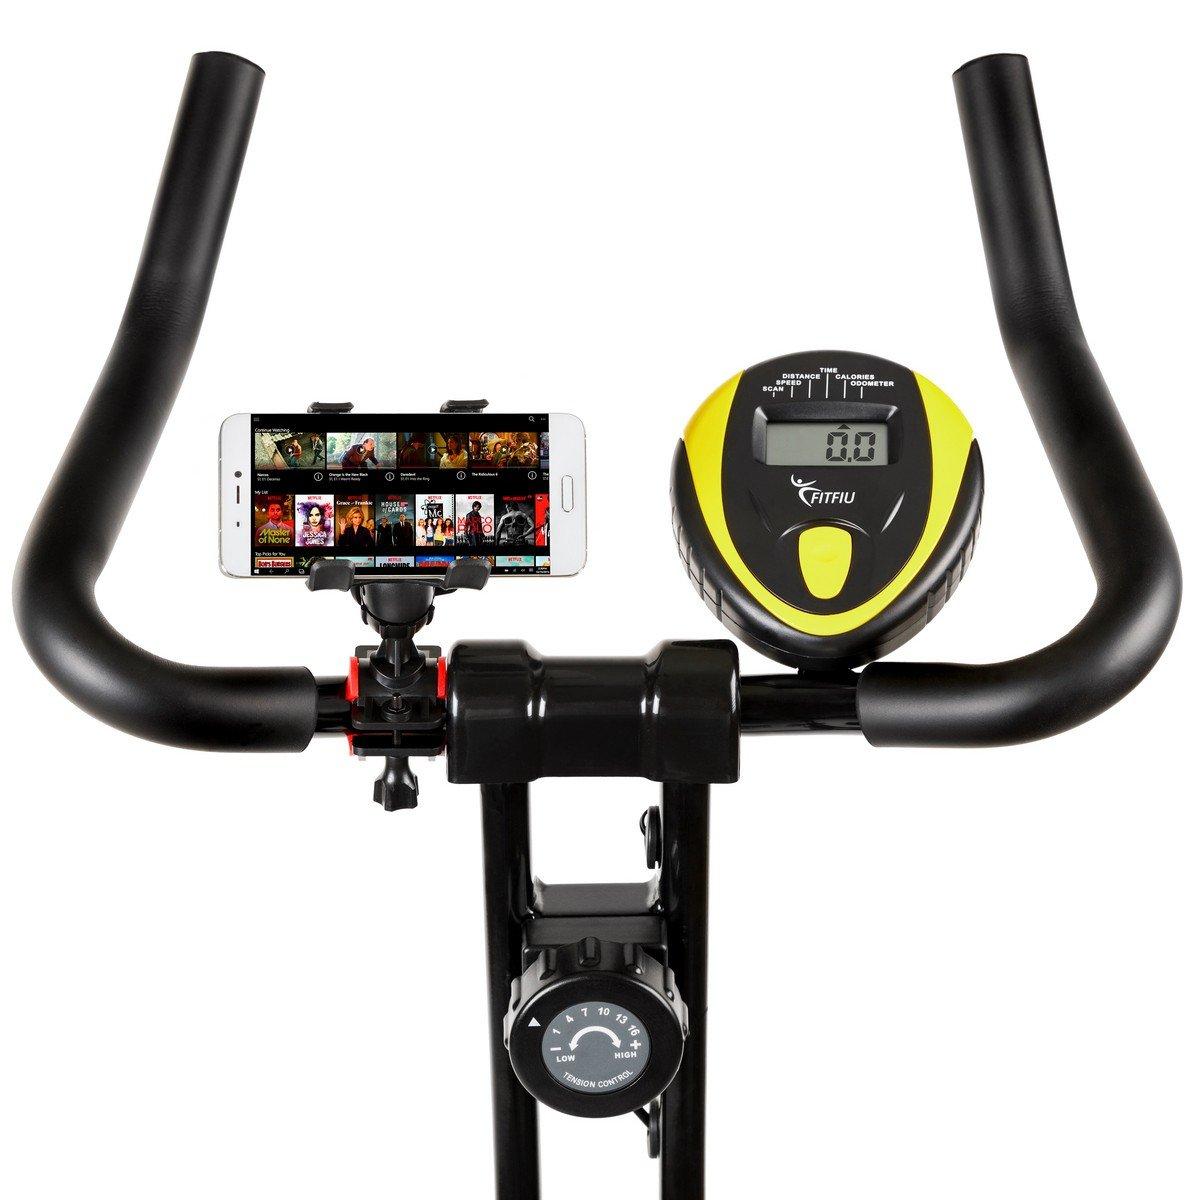 Bicicleta spinning plegable bici estatica regulable con volante inercia 7kg, calas y soporte para movil: Amazon.es: Deportes y aire libre